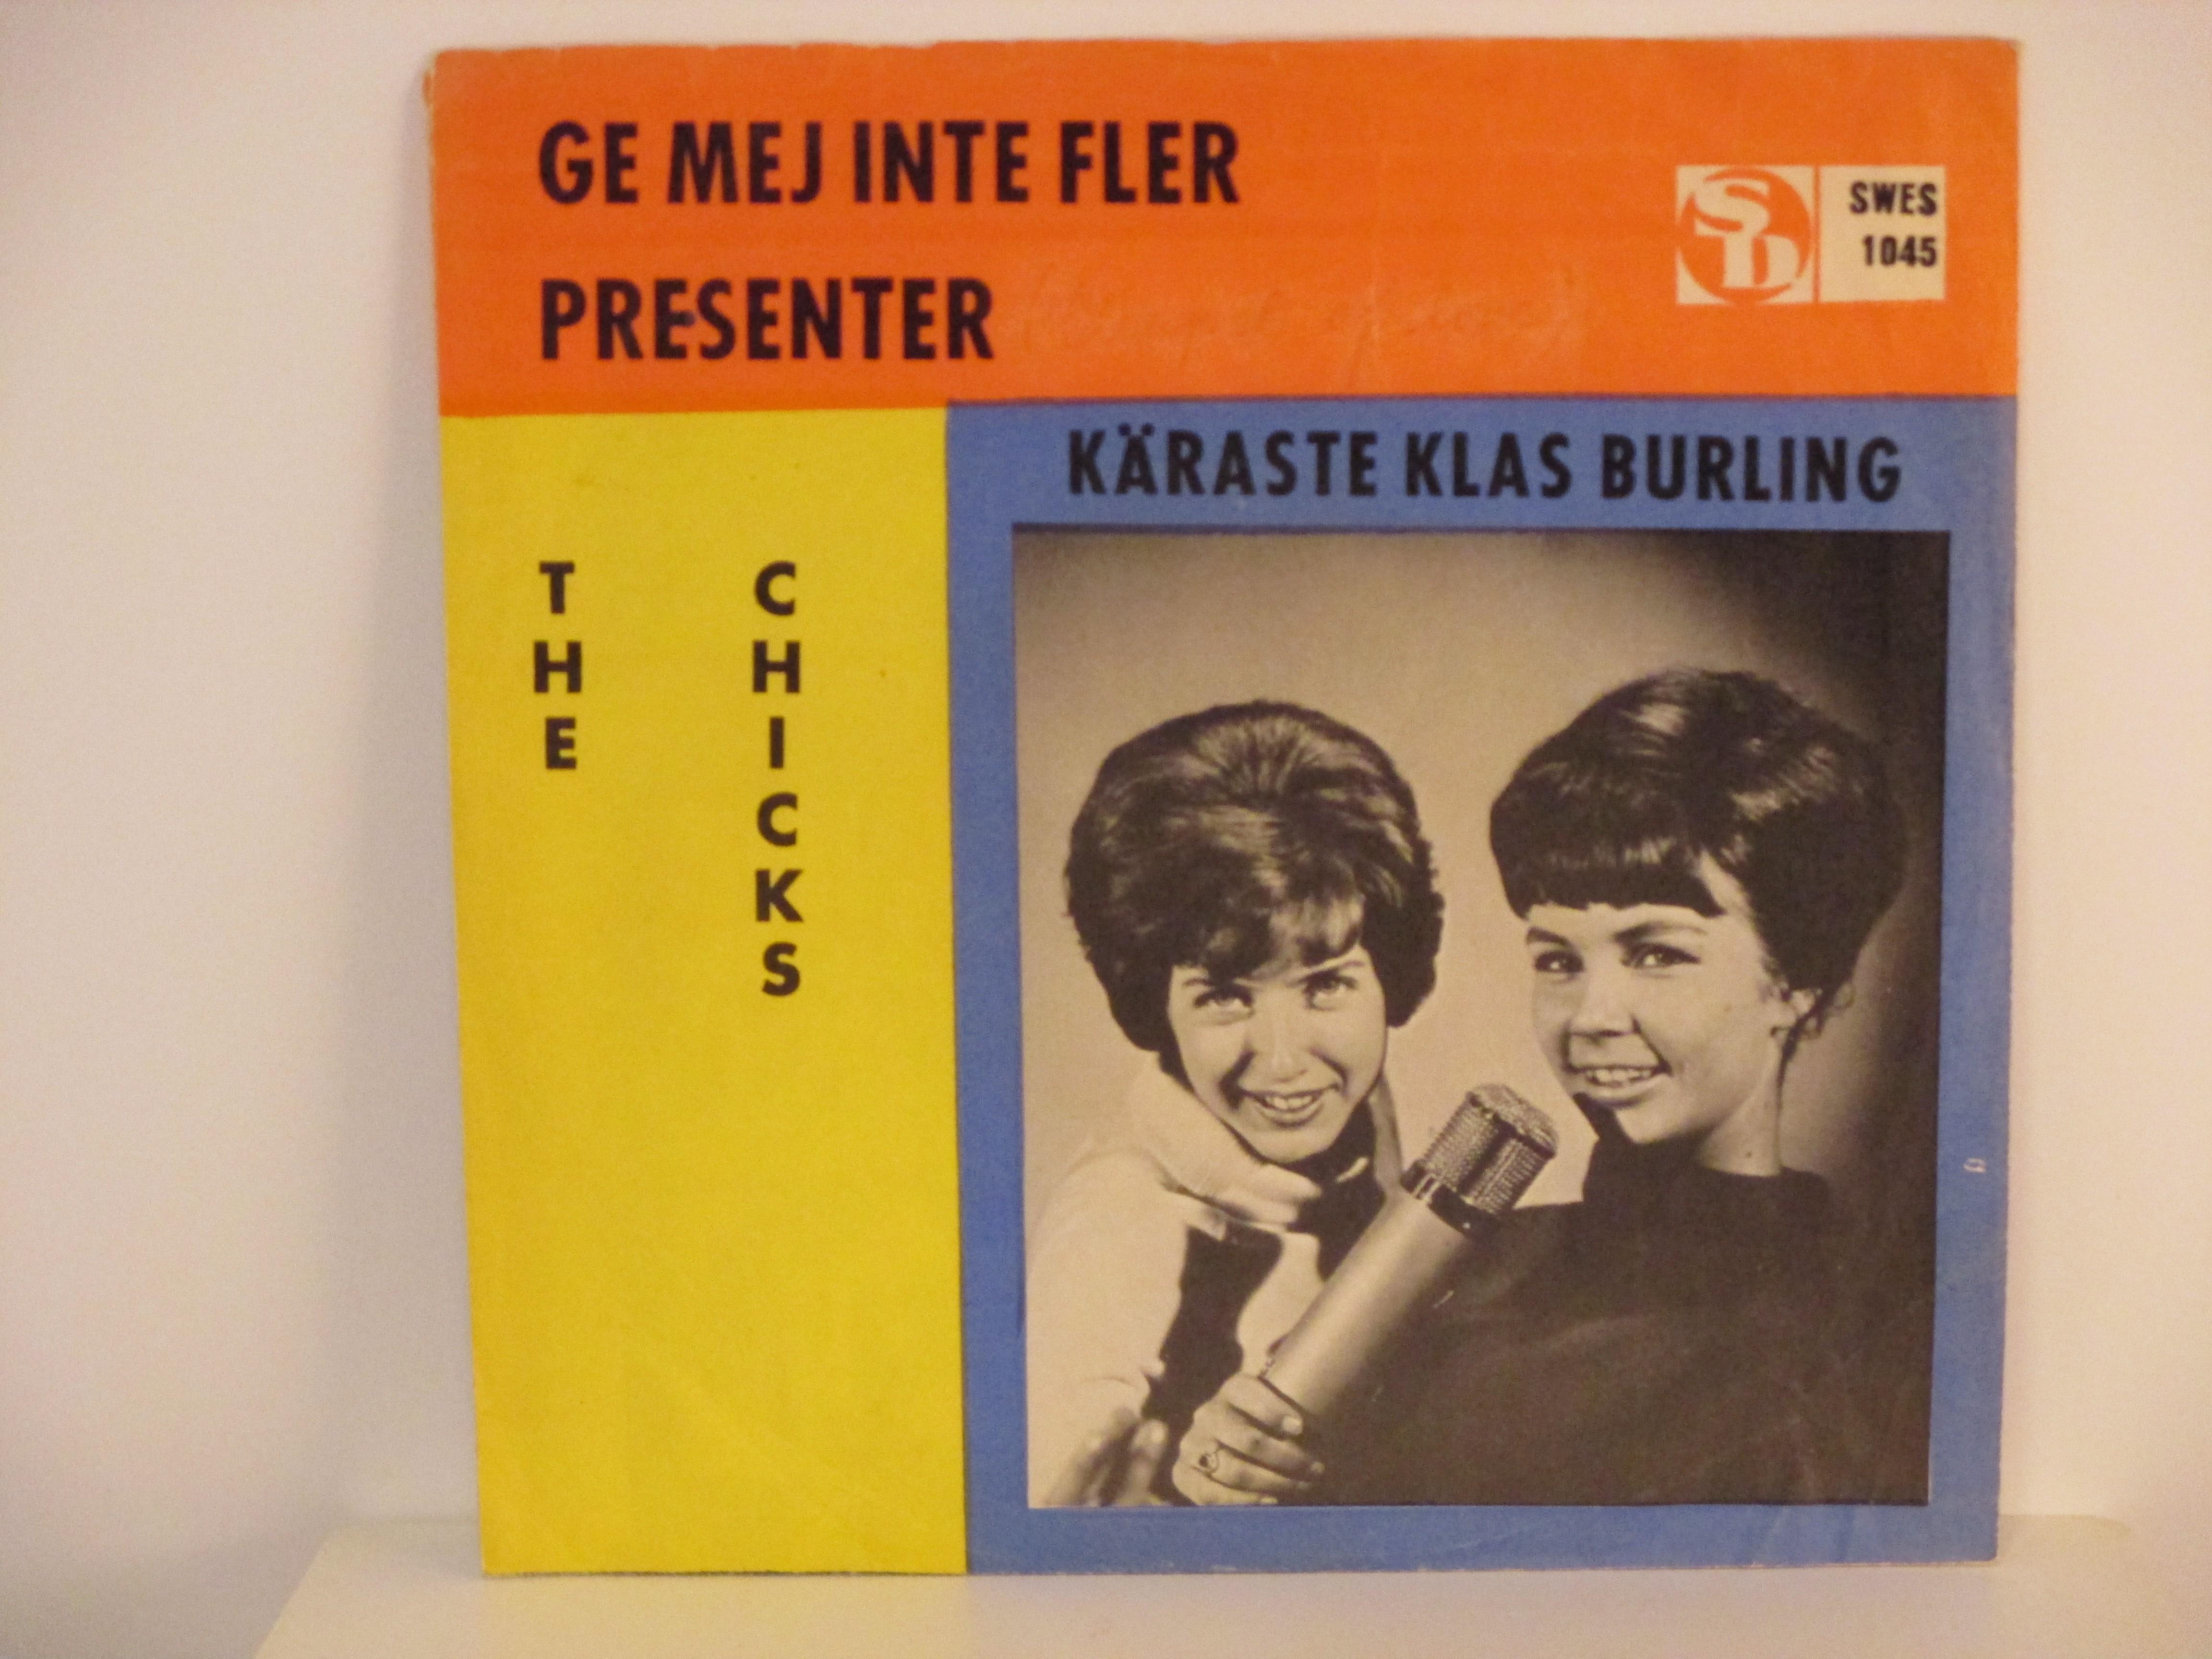 CHICKS (=KERSTIN AULÈN & I. JOHANSSON) : Ge mig inte fler presenter (=Chapel of love) / Käraste Klas Burling